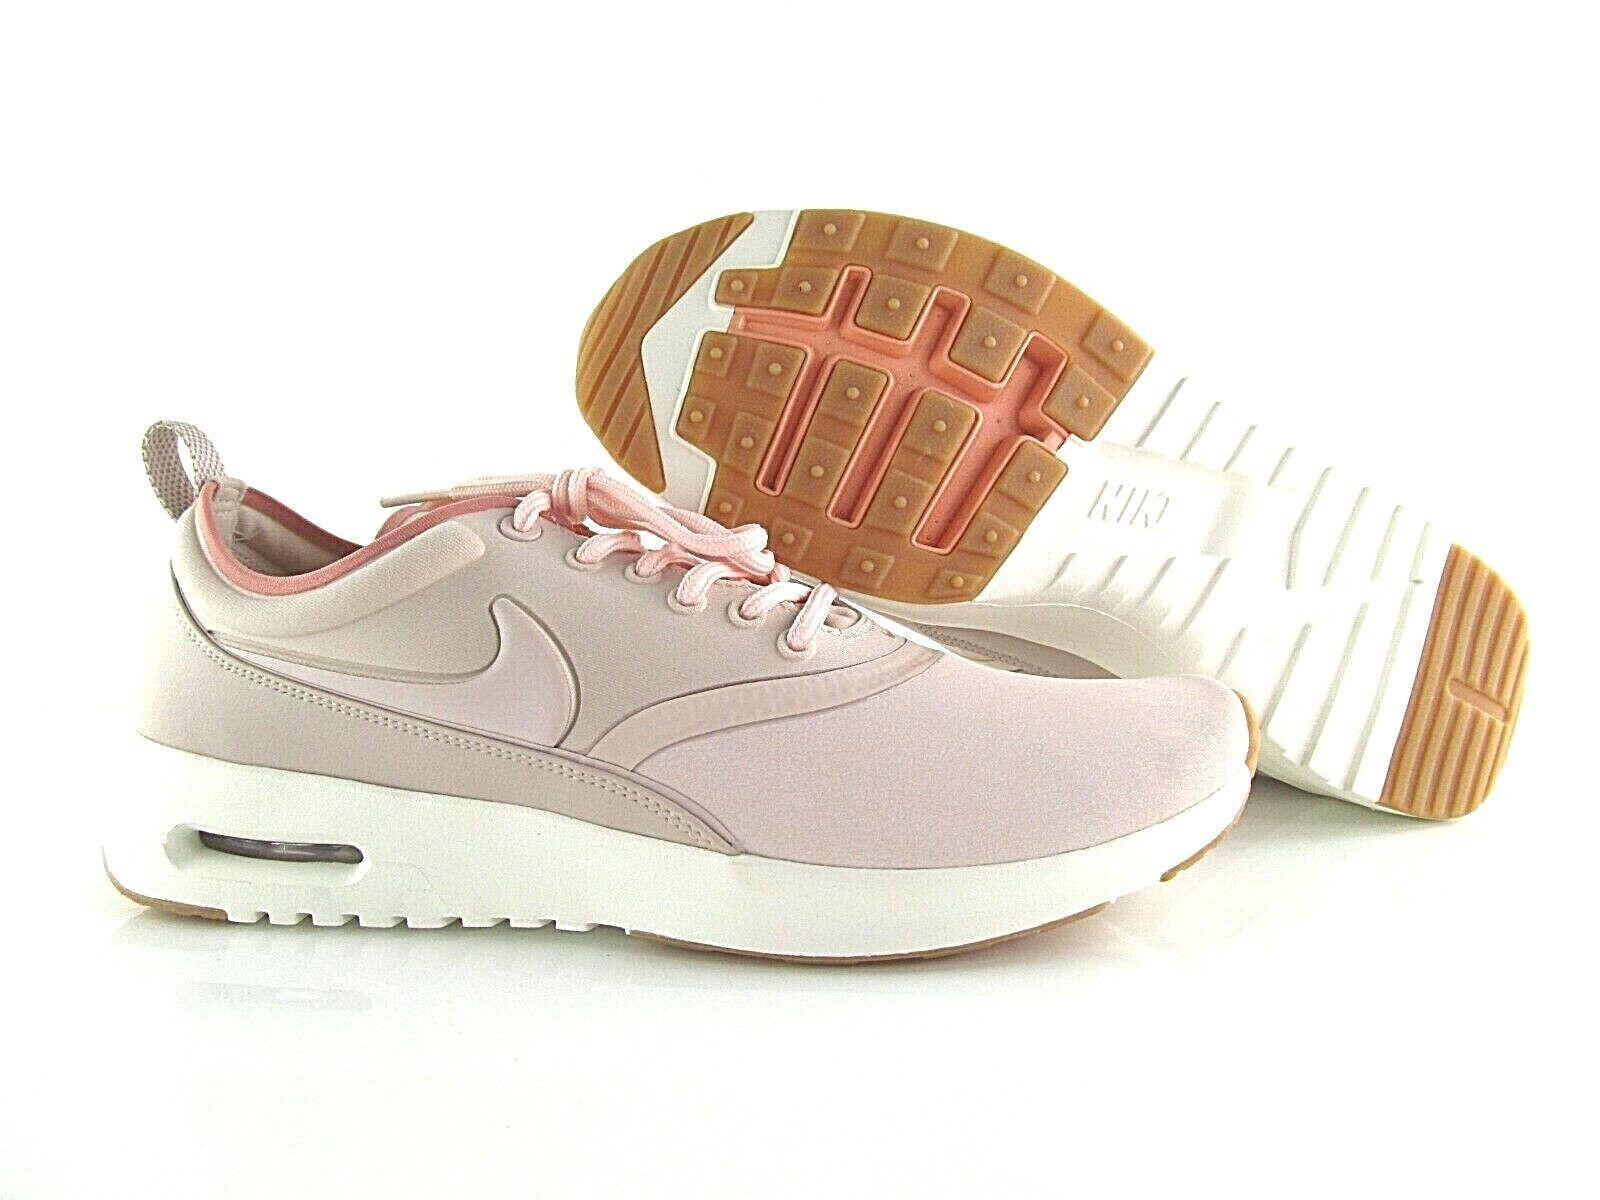 Nike Air Max Thea Ultra Premium 90 Pink pink UK_7.5 US_10 Eur 42